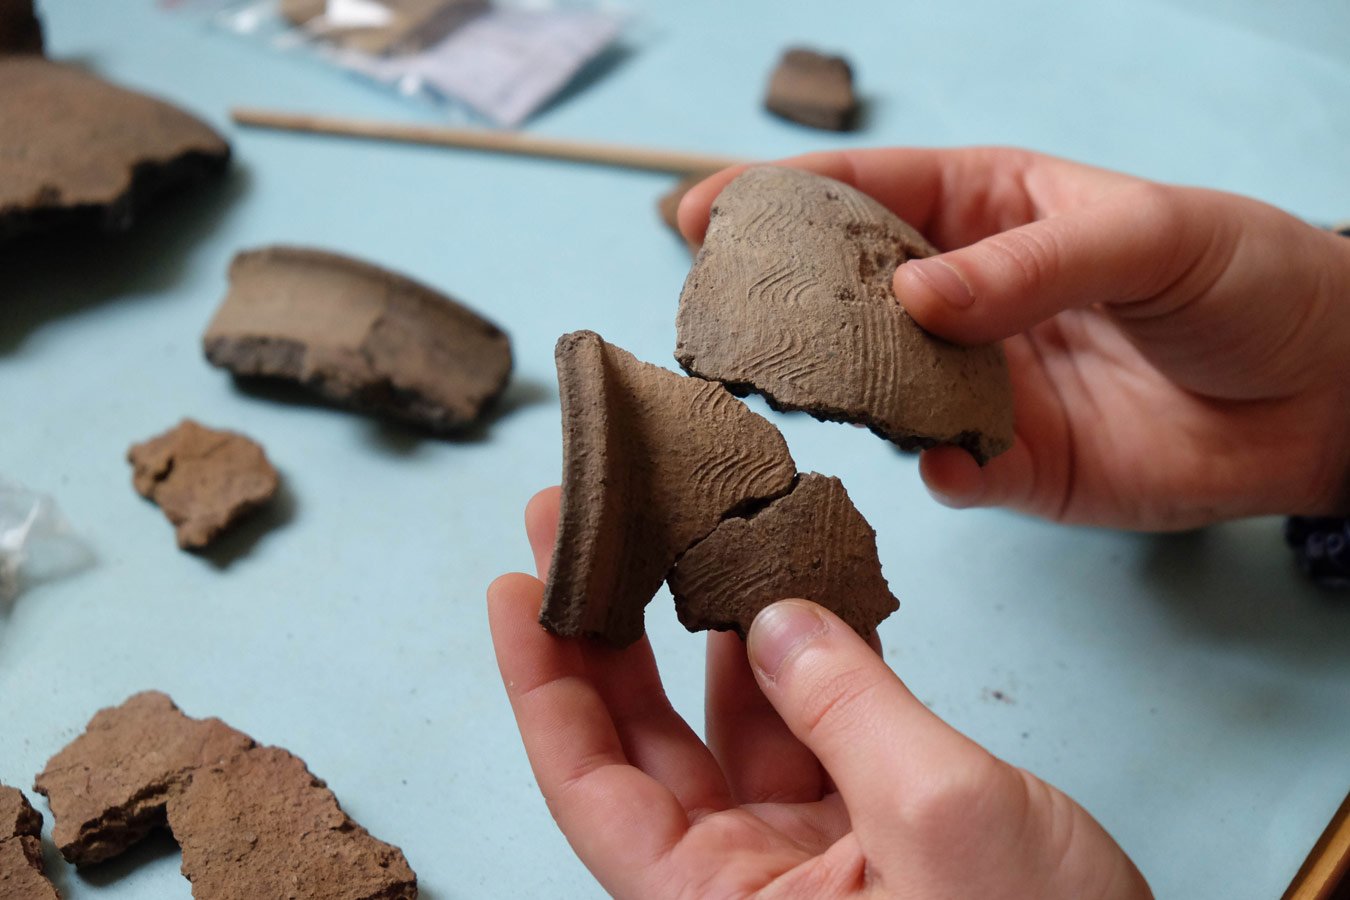 Археологические находки раннесредневековых захоронений, © Archeologia.chodlik, Конкурс научных фотографий «Снимай науку»